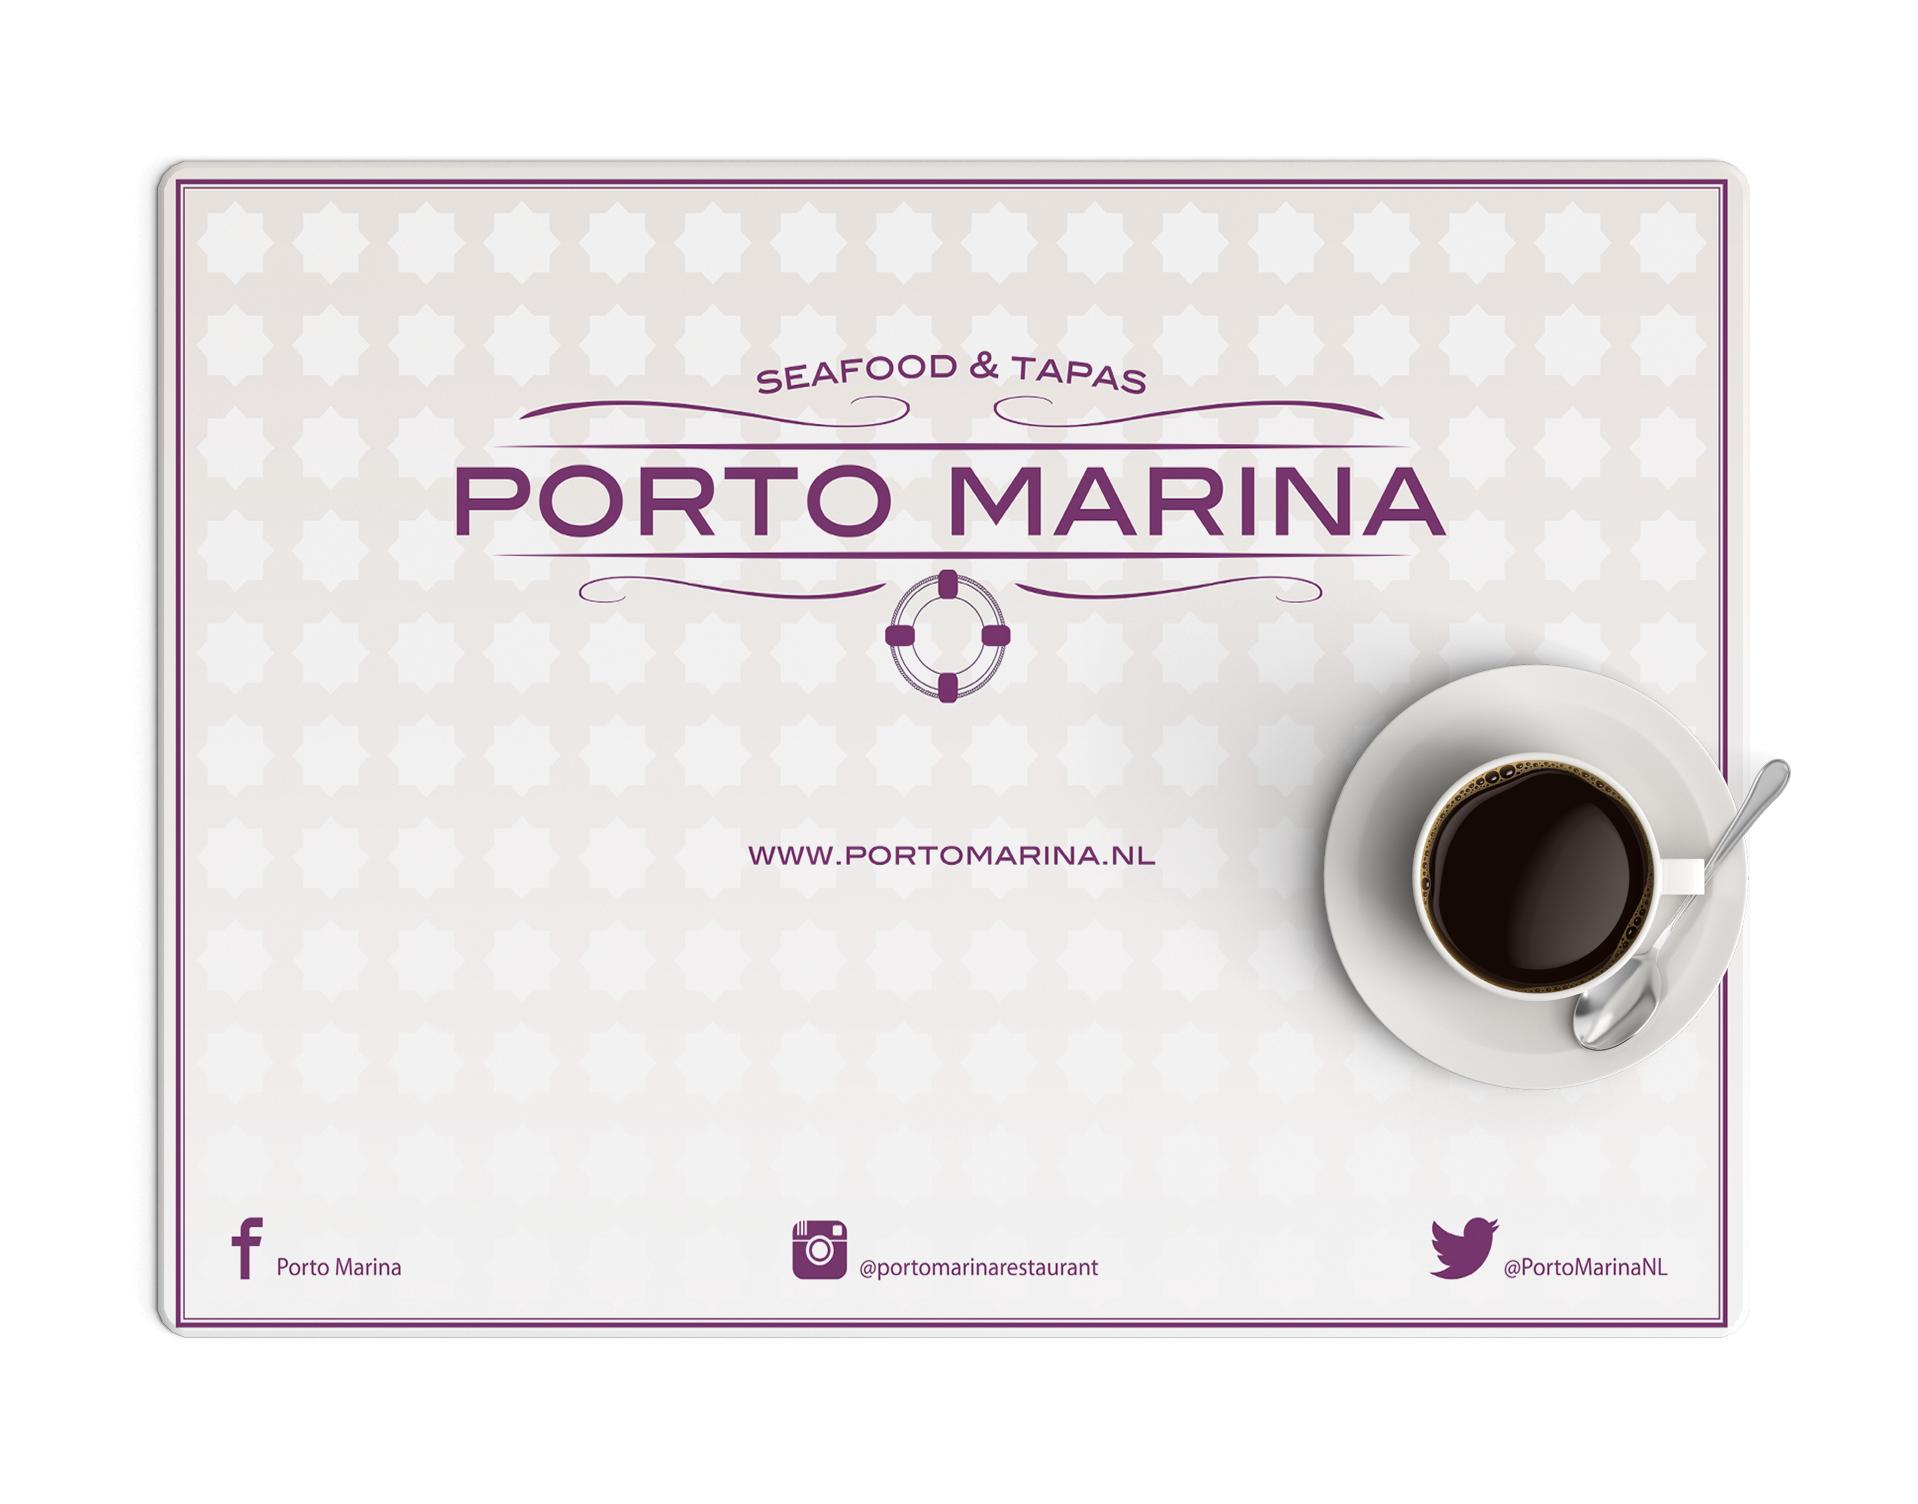 placemat-portomarina